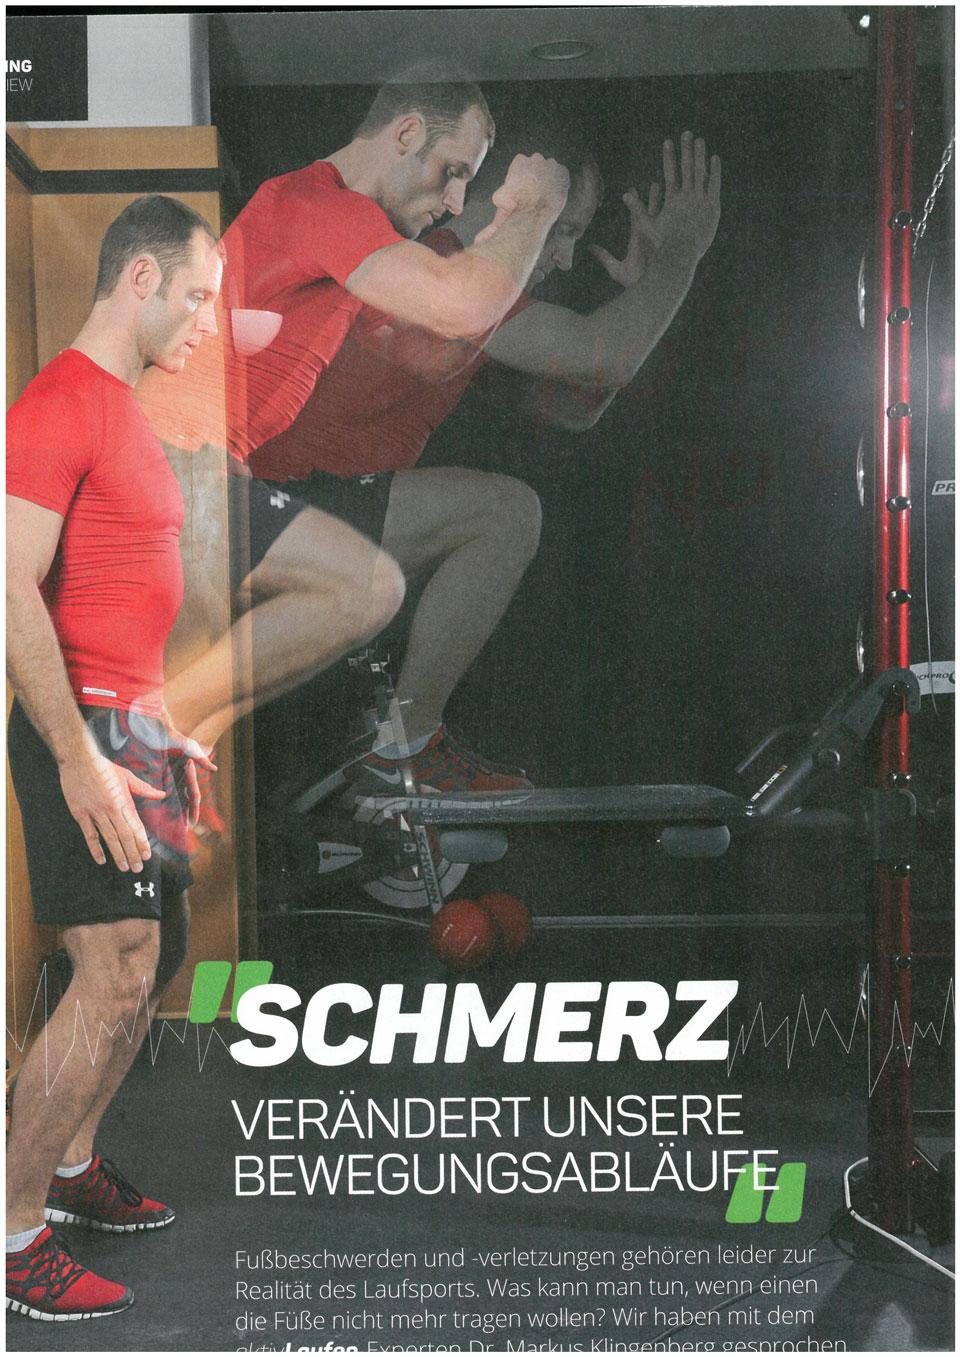 COVER - Schmerz verändert unsere Bewegungsabläufe